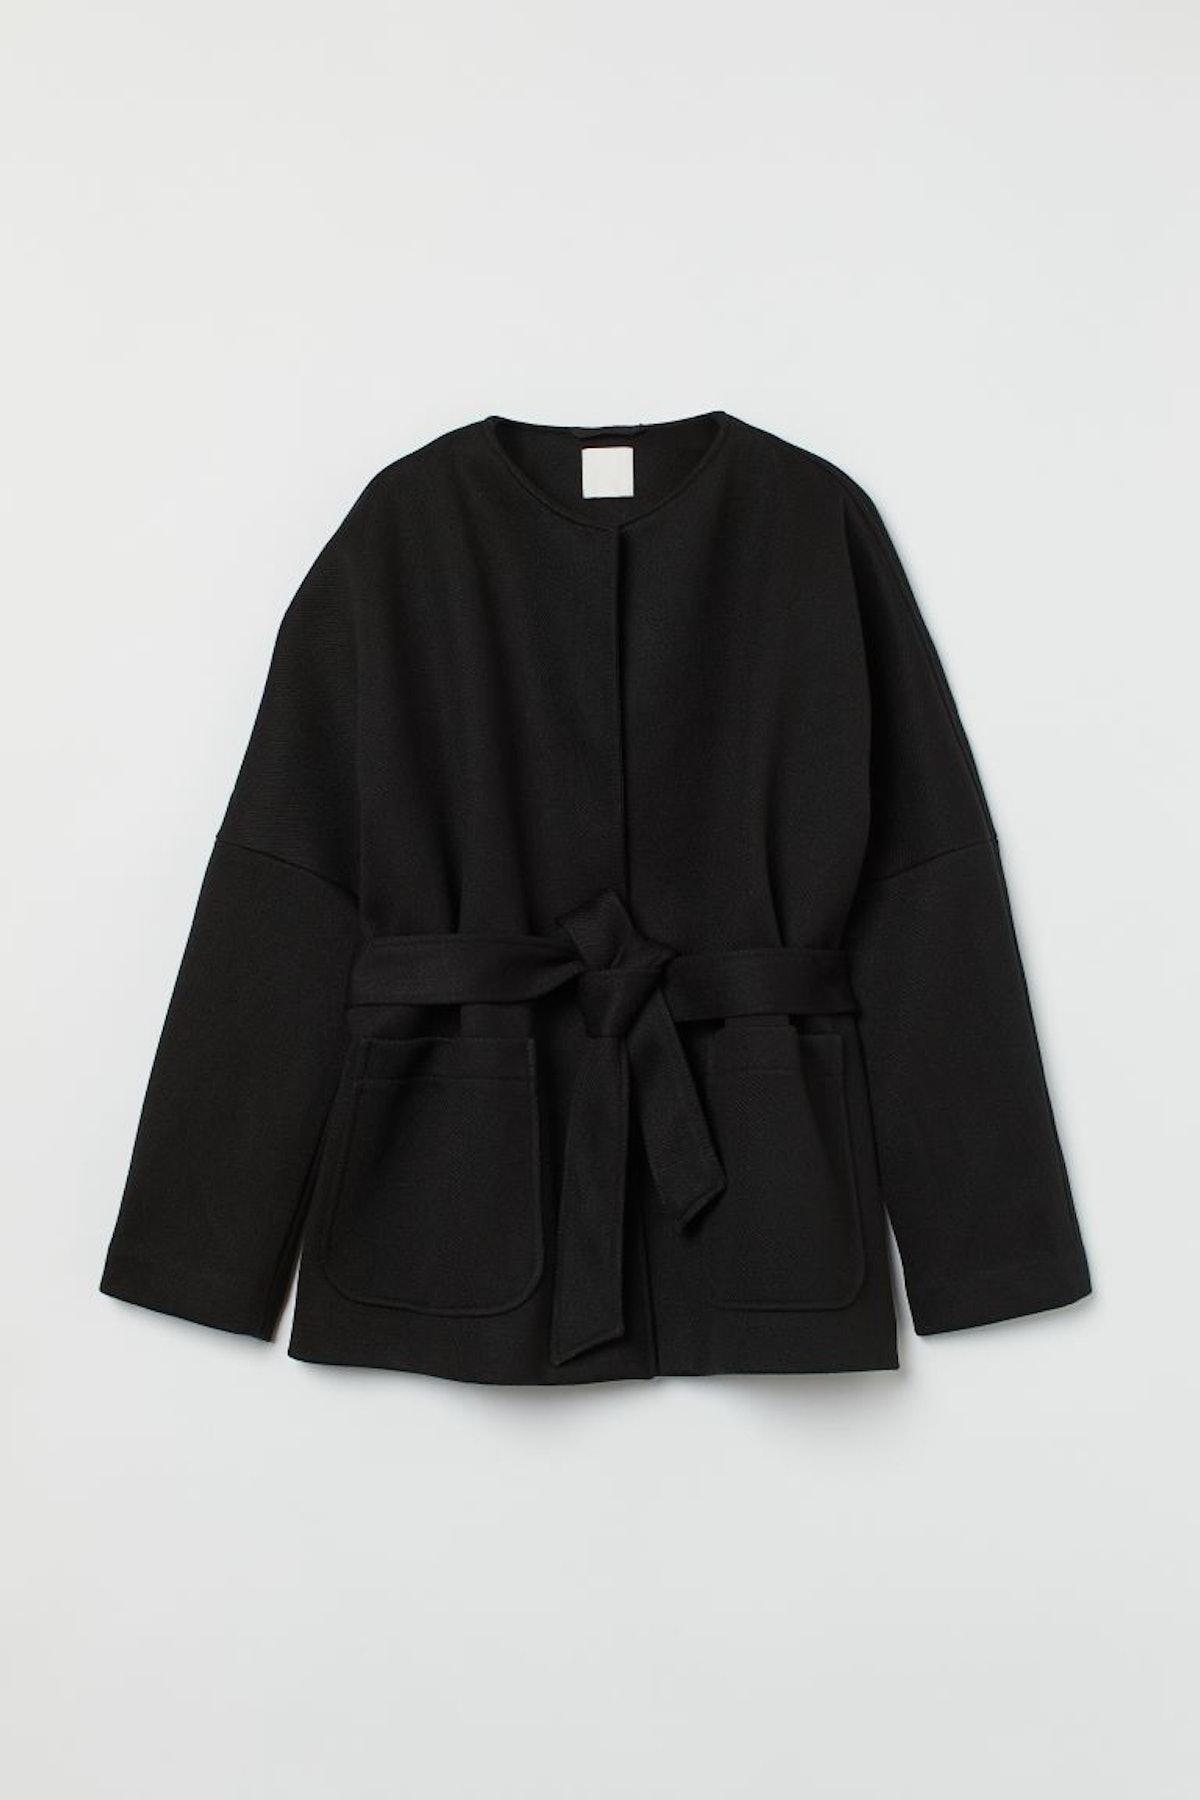 H&M Tie-Belt Jacket